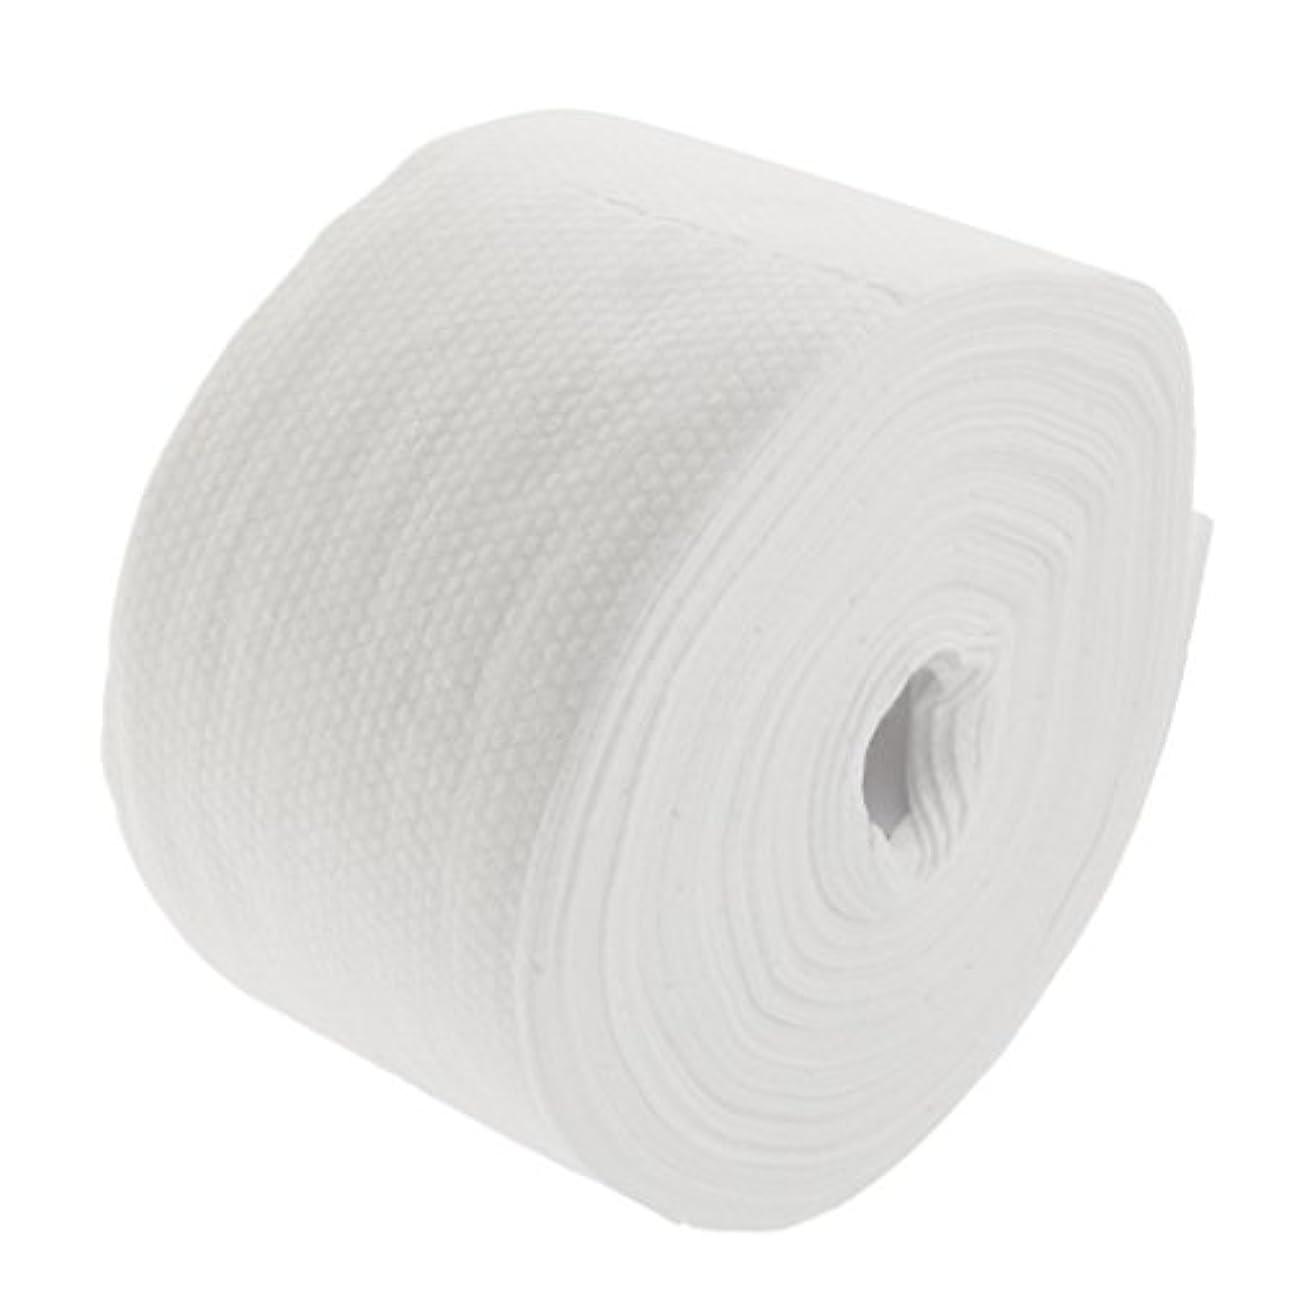 影響する不適繁栄30メートルの使い捨て可能な綿タオル繊維クレンジングフェイシャルワイプメイク落とし - #2